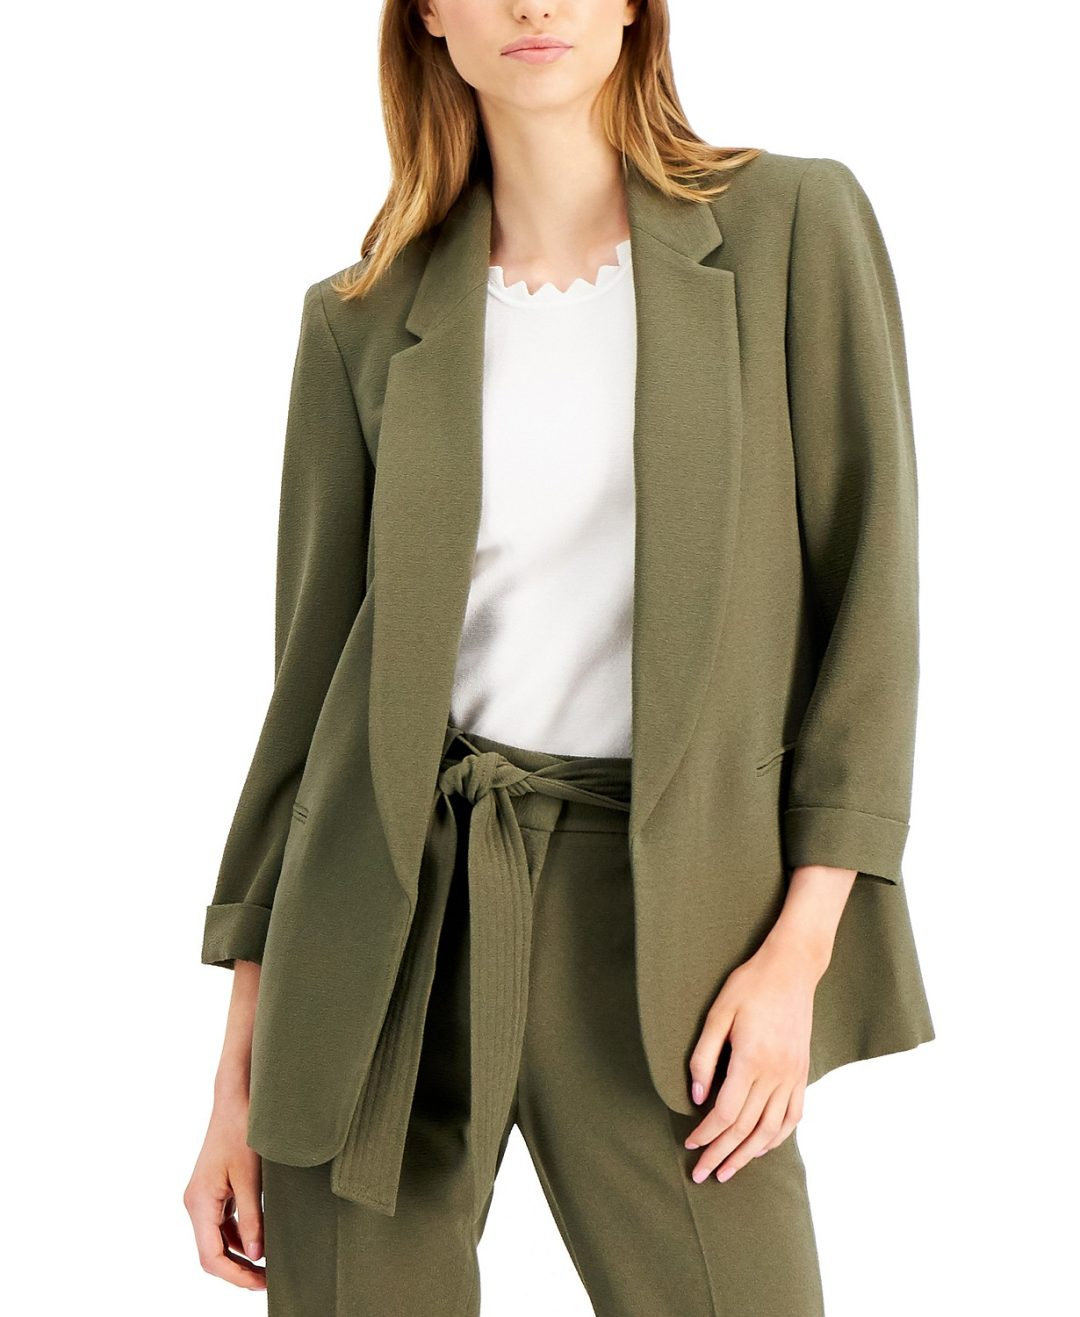 Khaki green relaxed blazer